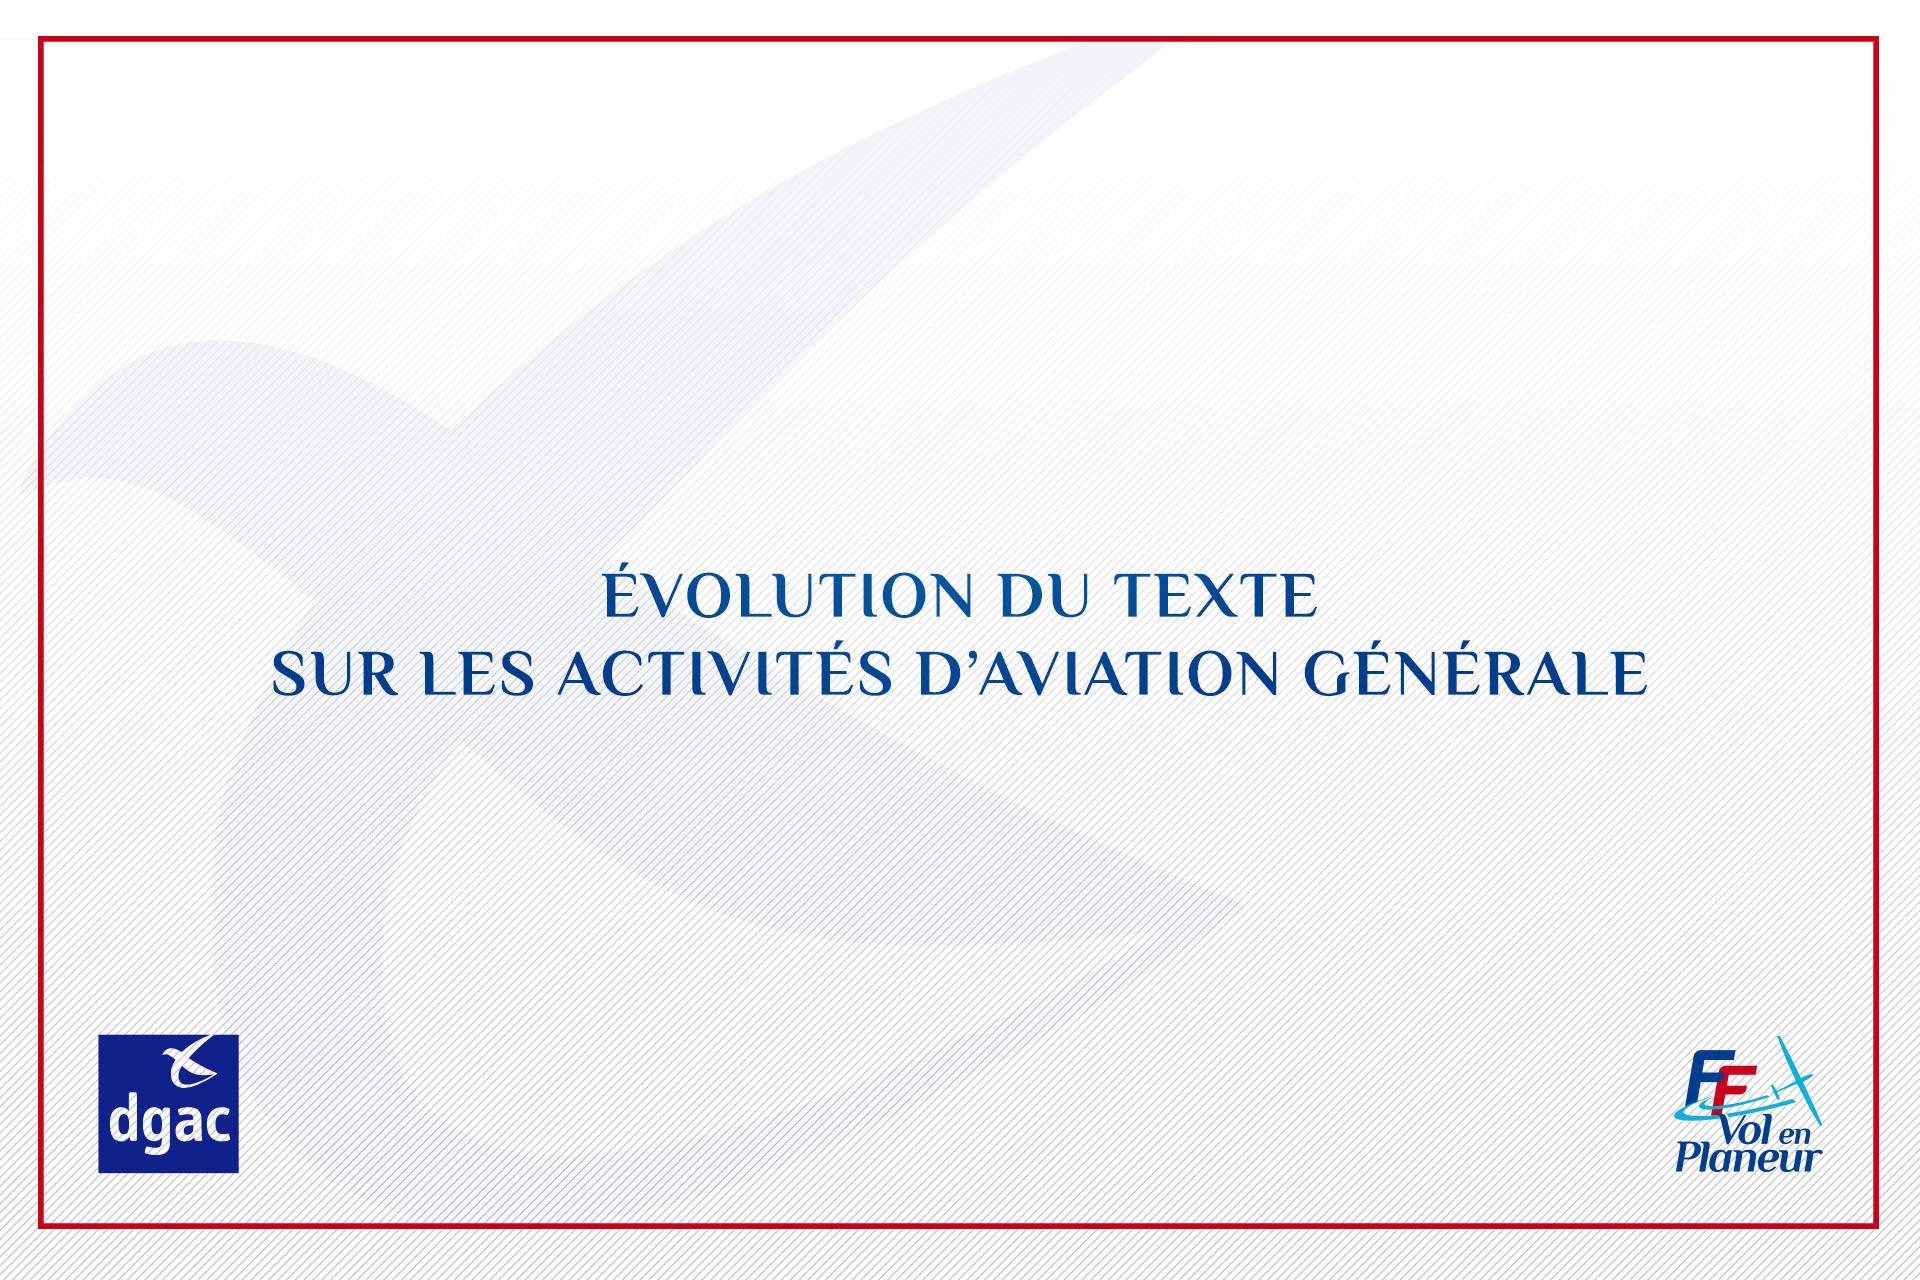 DGAC : Évolution du texte sur les activités d'aviation générale